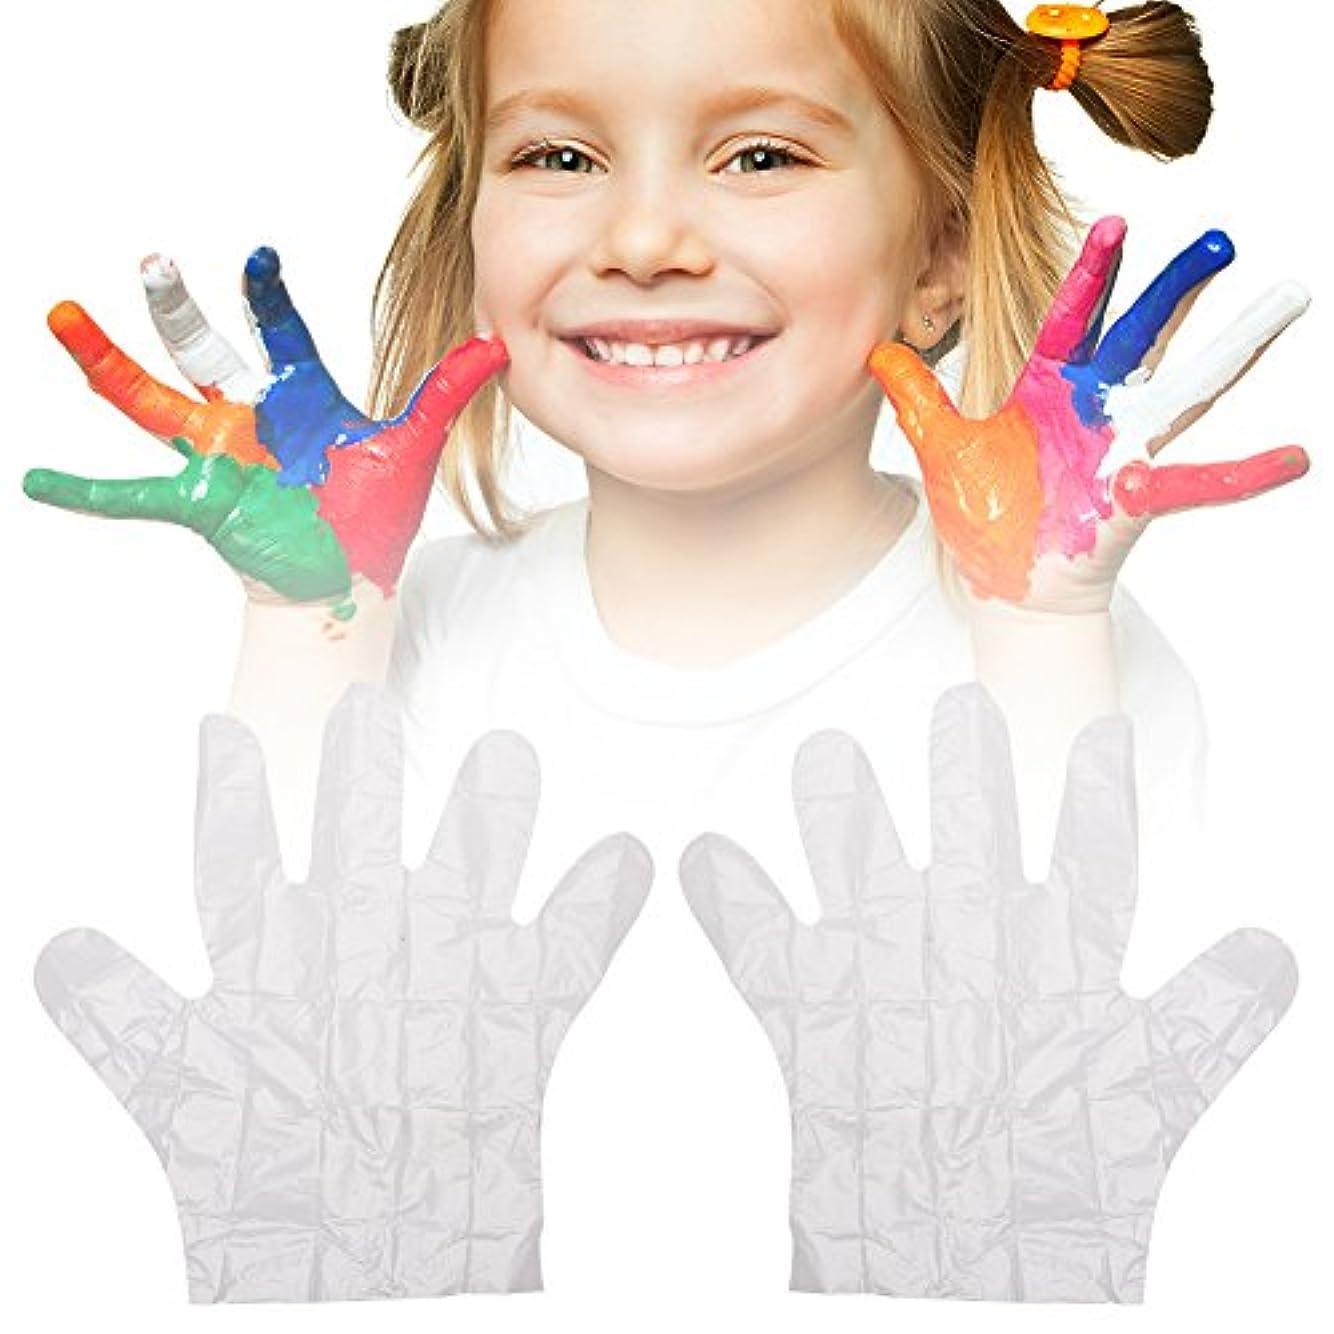 じゃがいも雨の煙卓仕朗 手袋使い捨て 子供用 使い捨て手袋 キッズ専用 食品 調理 キッチン用品 透明 手袋 200枚